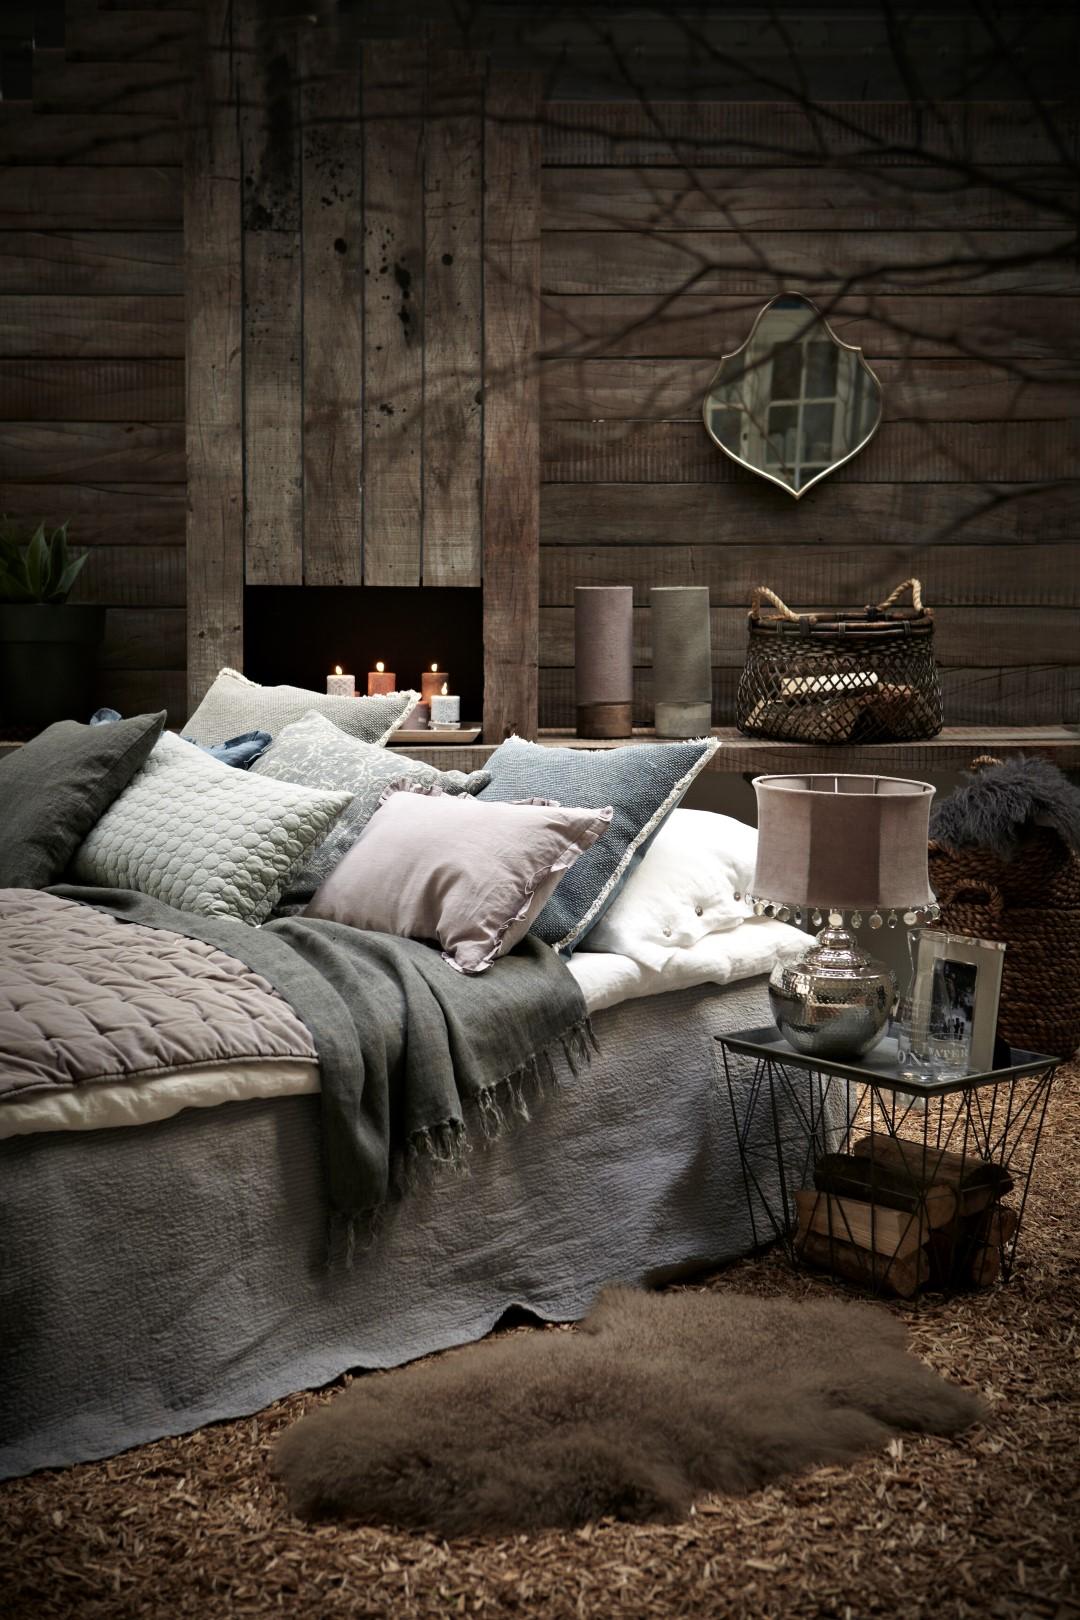 met deze warme winterse slaapkamer kom je zeker je bed niet meer uit in de slaapkamer zijn veel natuurlijke materialen aanwezig die gecombineerd zijn met